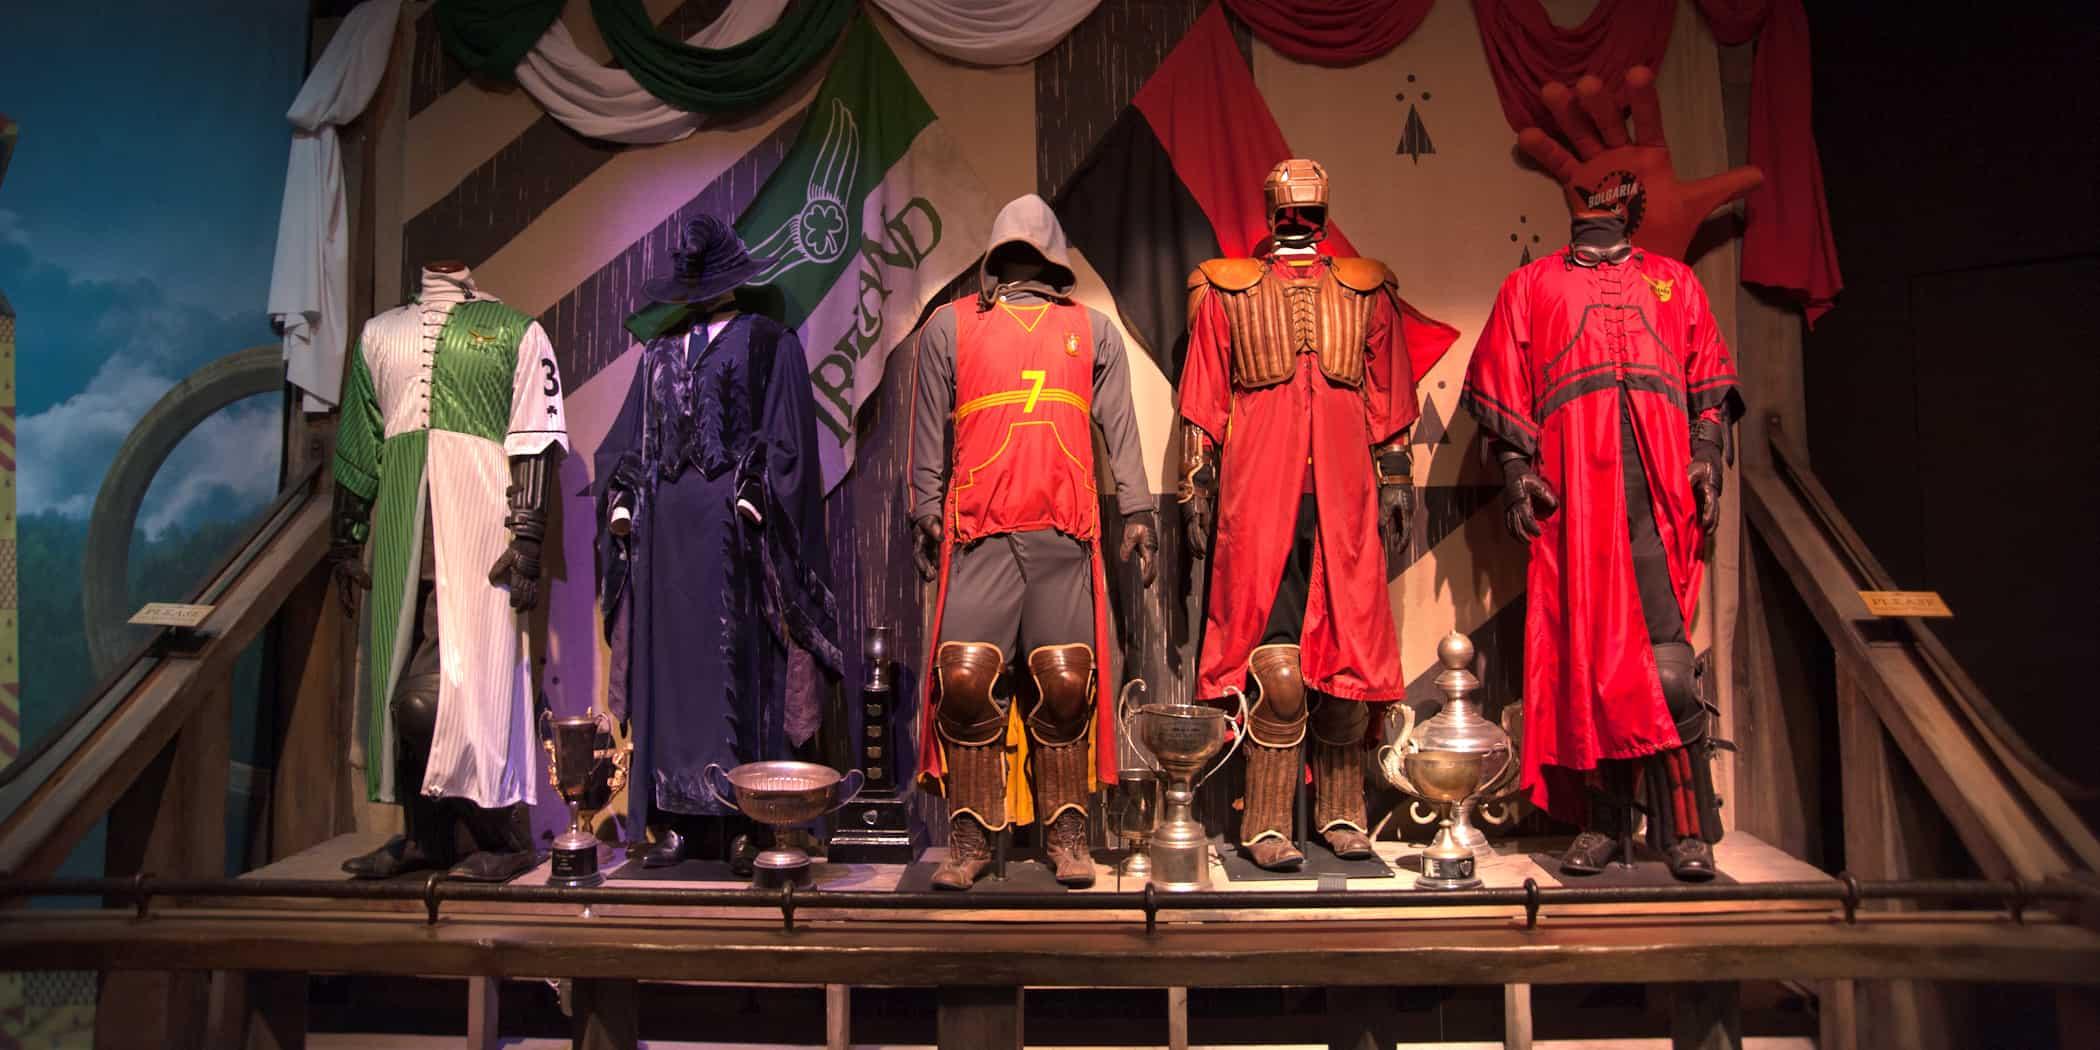 La exposición más grande e interactiva de Harry Potter esparcirá su magia en 2022